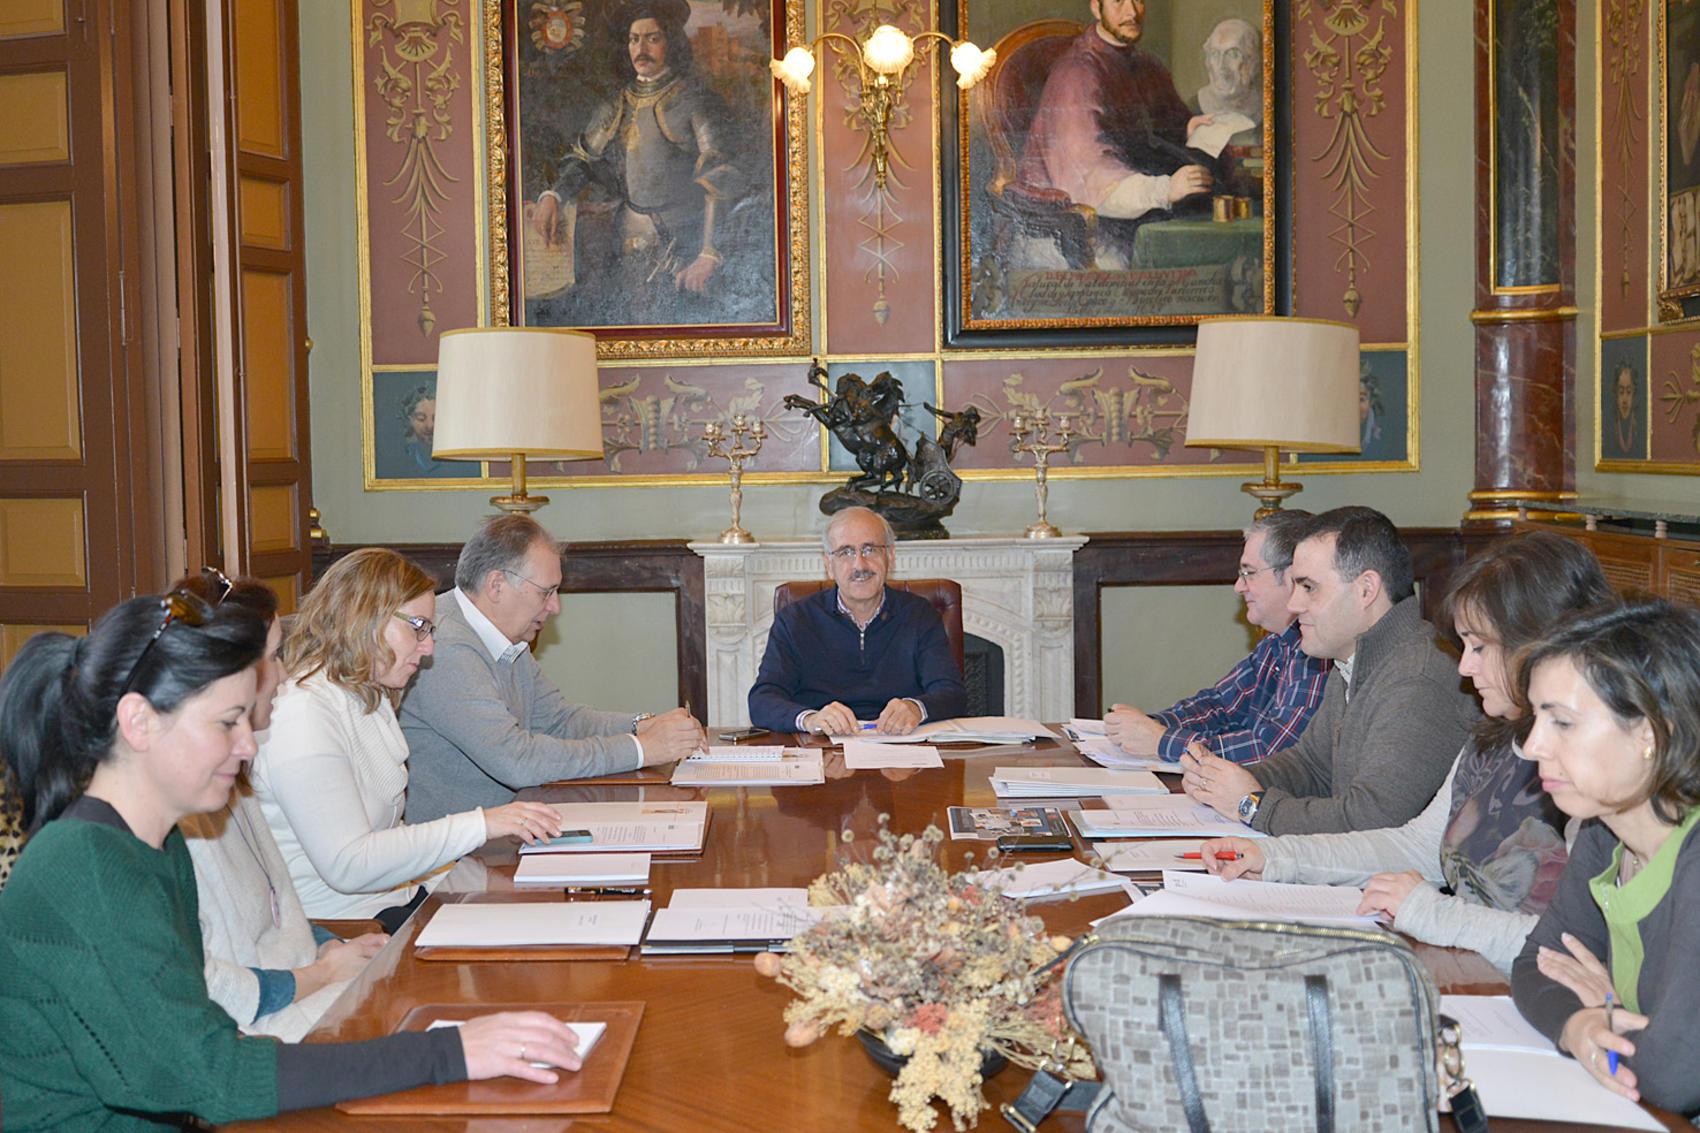 La UCLM impartirá un curso de experto en gestión cultural y universidades populares